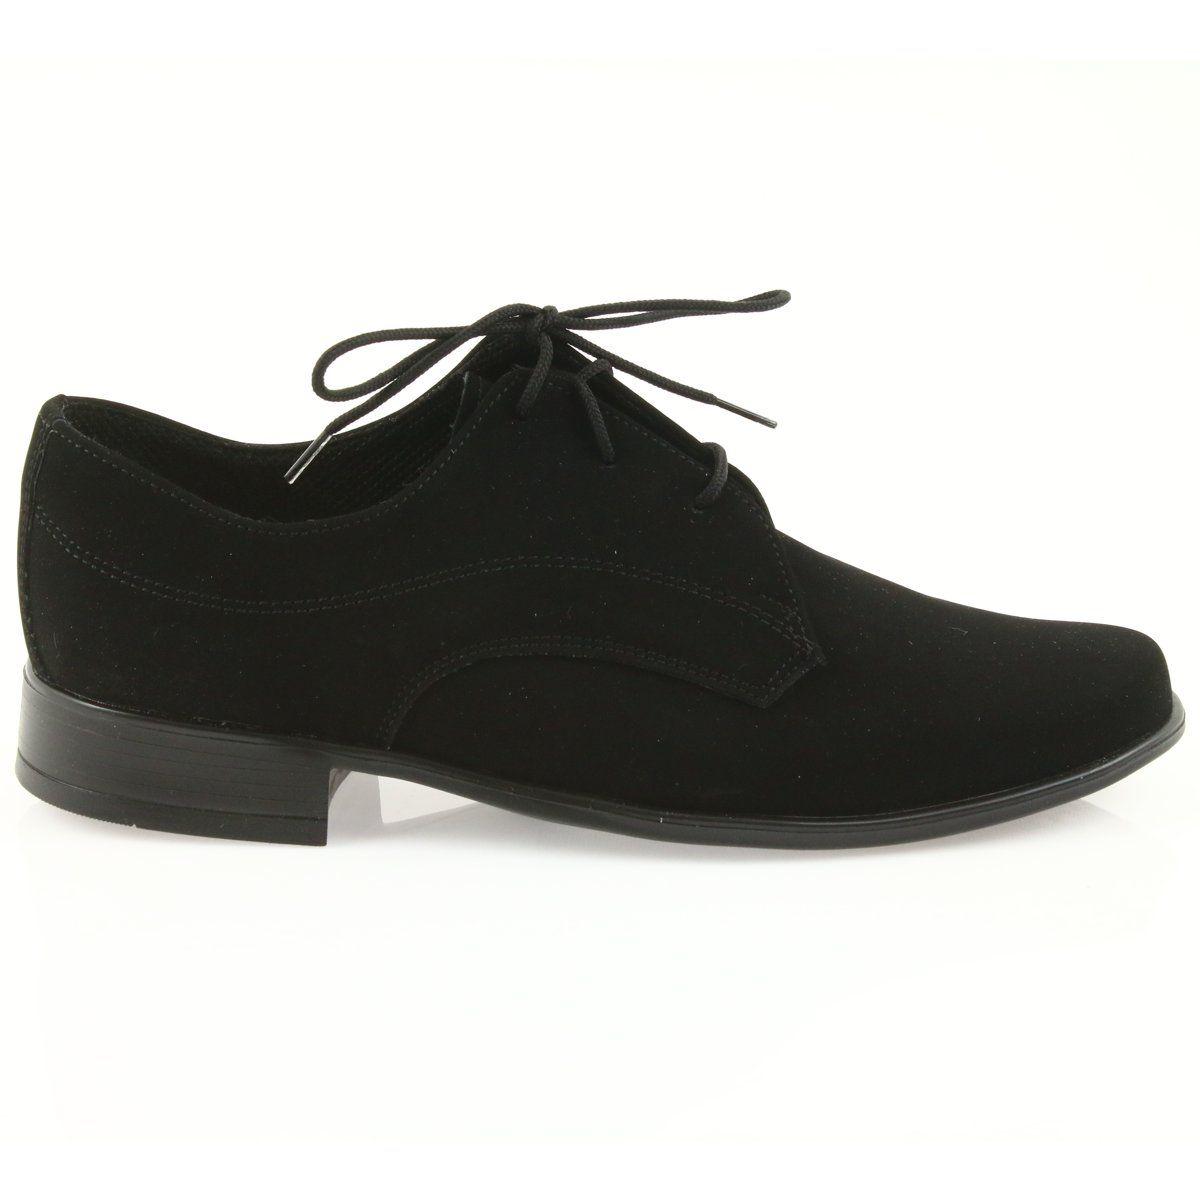 Miko Polbuty Dzieciece Zamszowe Buty Komunijne Czarne Womens Oxfords Oxford Shoes Shoes